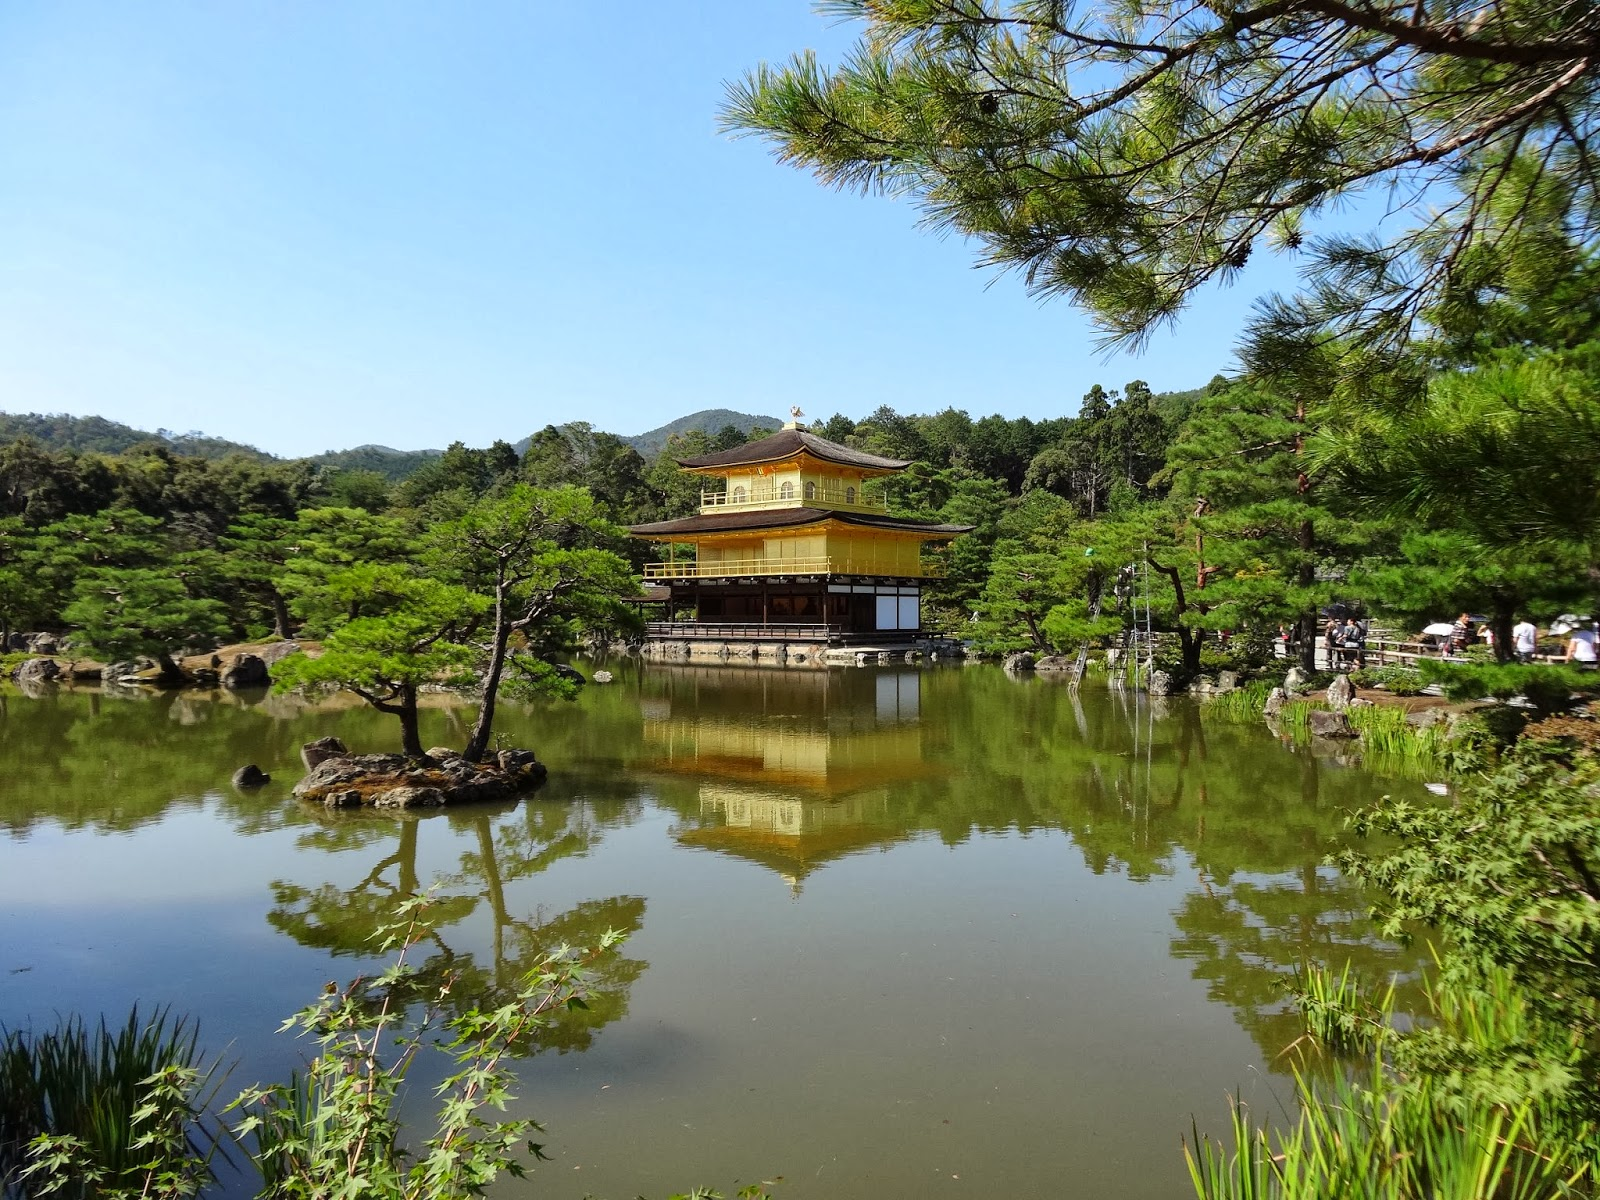 Le blog de parcs et jardins de l 39 oise le jardin du temple for Jardin kyoto